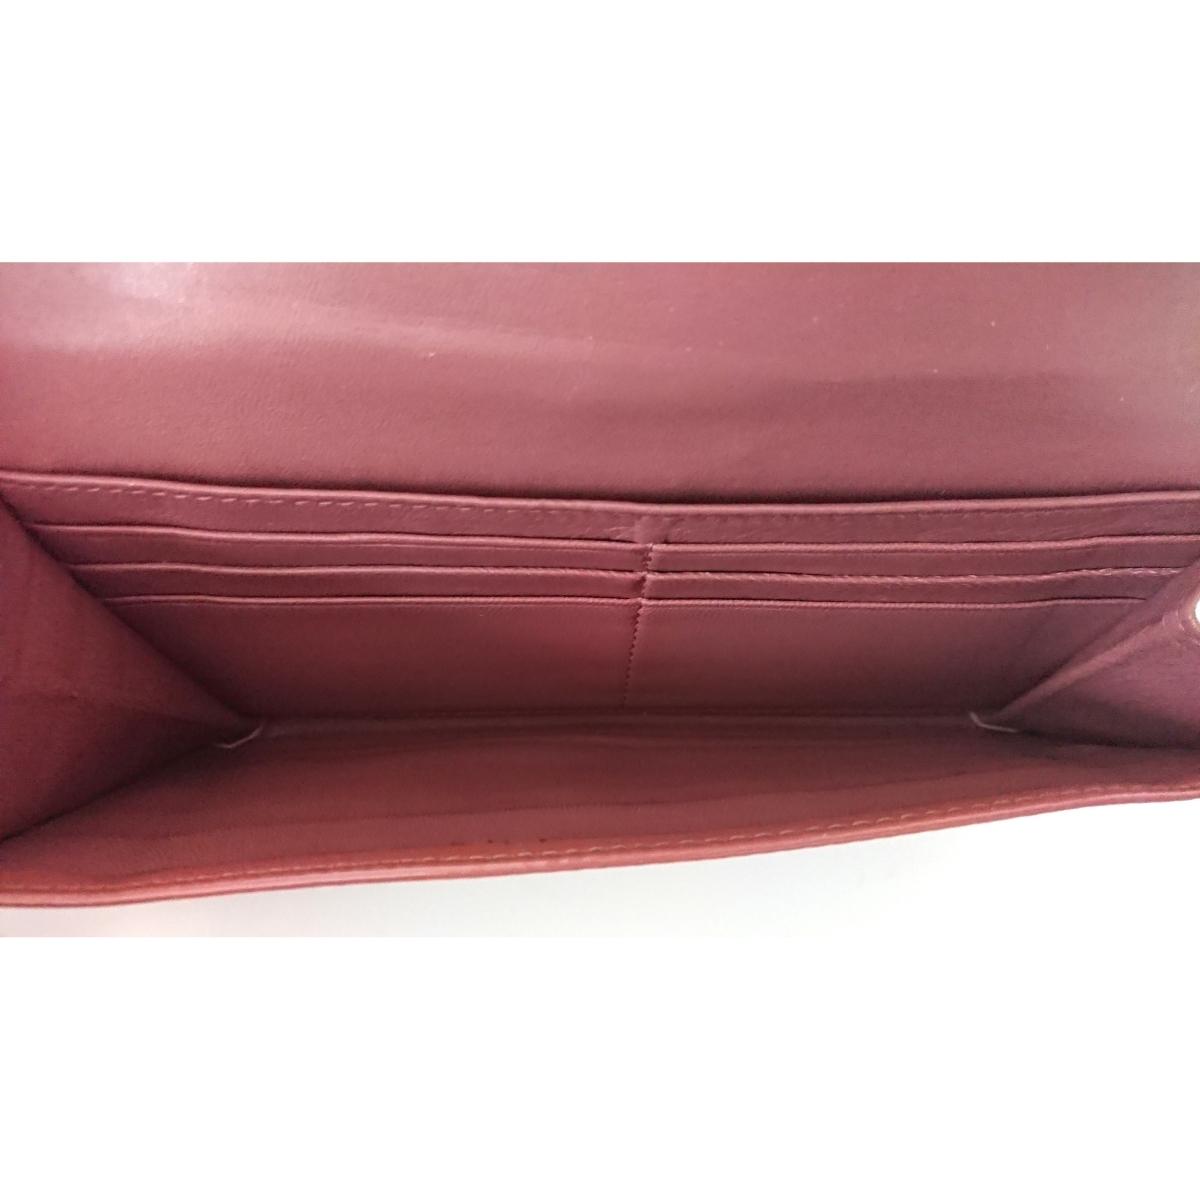 美品 MIUMIU がま口 エナメル レザー 長財布 パテント ピンク ウォレット PRADA プラダ ミュウミュウ イタリア製 定価7万4千円_画像8